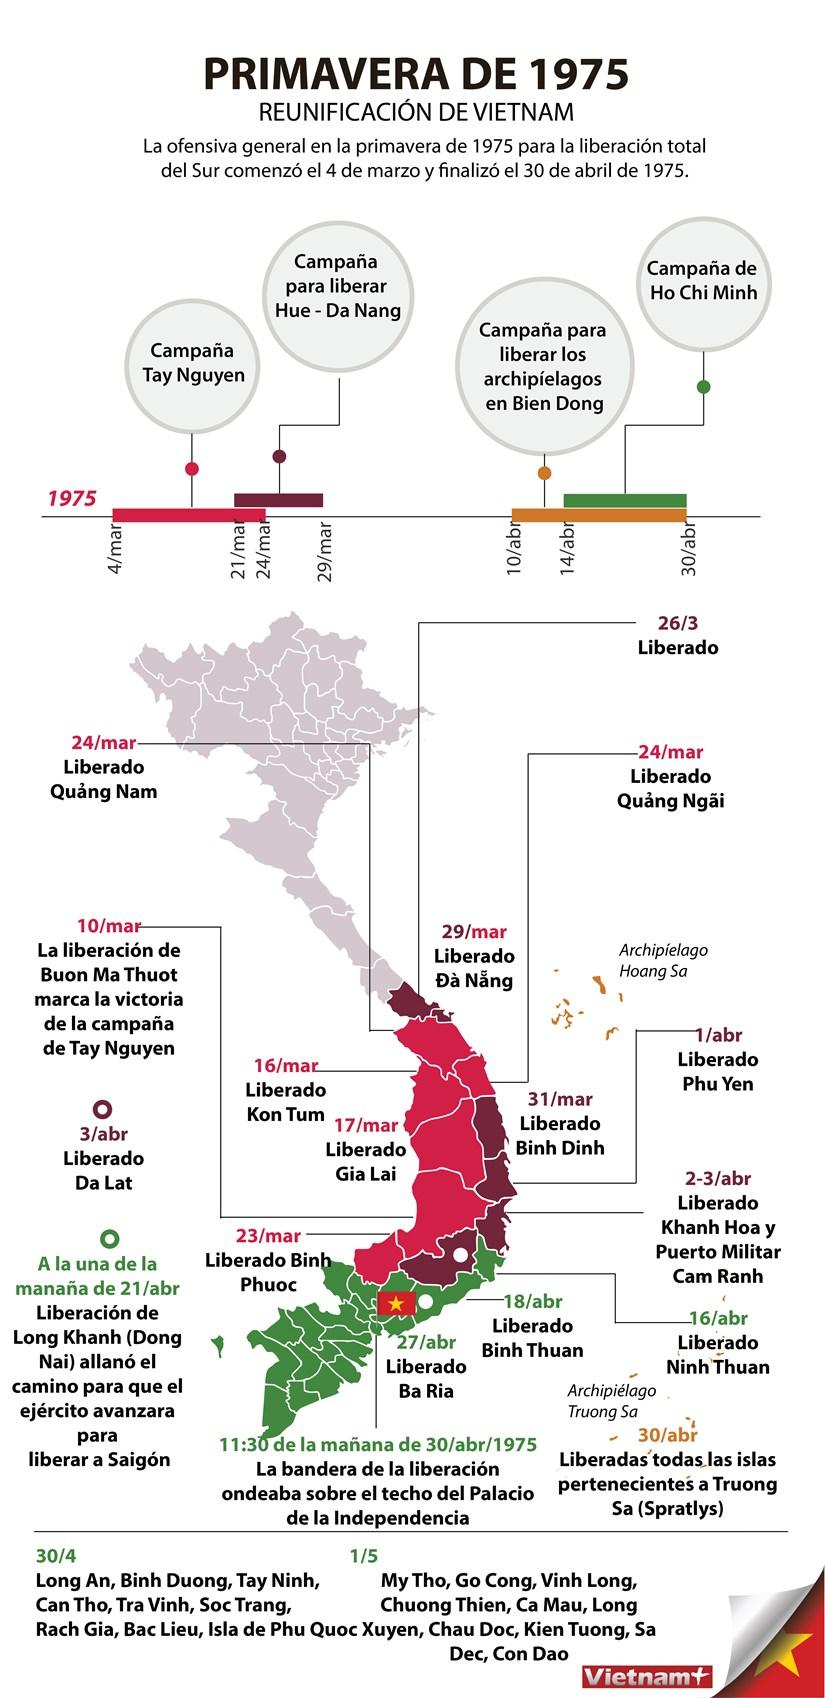 [Info] La primavera de 1975 marca un paso importante en la lucha por la reunificacion de Vietnam hinh anh 1